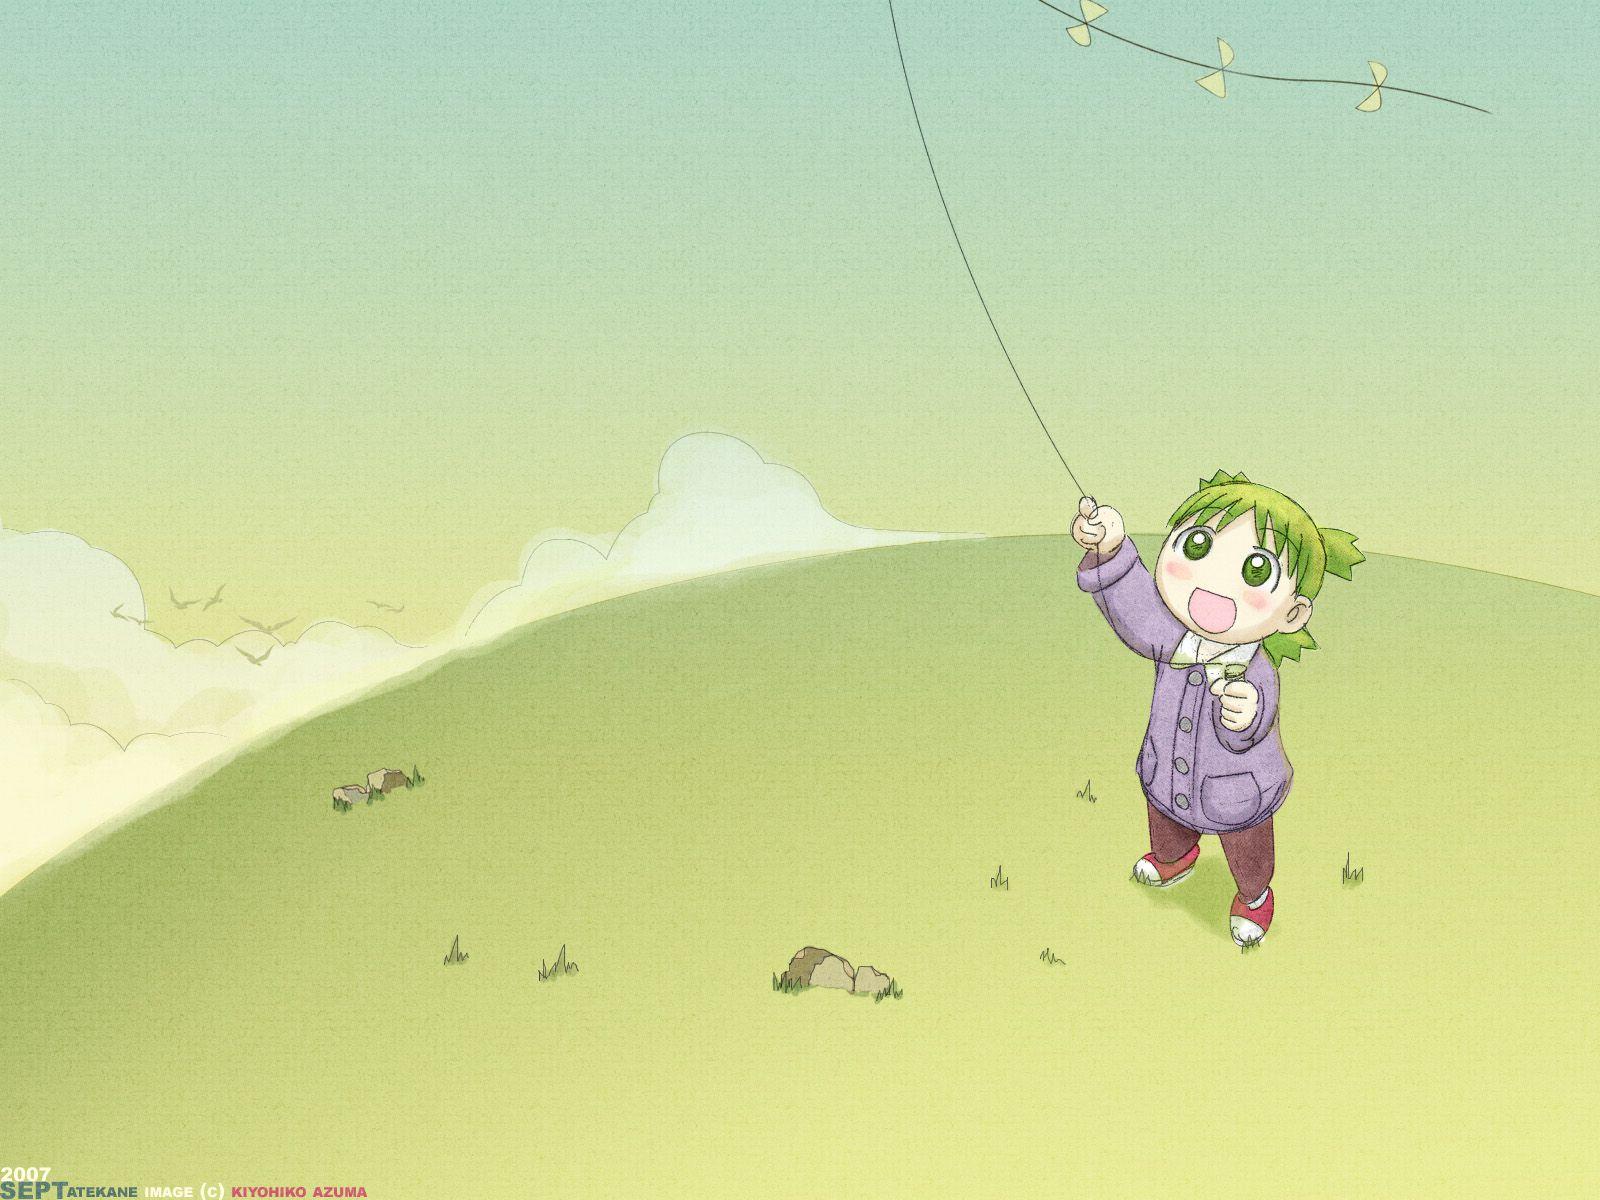 四叶妹妹可爱卡通PPT背景图片免费下载是由PPT宝藏(www.pptbz.com)会员zengmin上传推荐的卡通PPT背景图片, 更新时间为2016-11-16,素材编号111503。 曾经风靡一时的《阿滋漫画大王》(又译名为《笑园漫画大王》、《校园漫画大王》等)的作者东清彦,这次又给我们带来了可爱搞笑的《四叶妹妹》。《四叶妹妹》的故事展示不再像《阿滋》的四格漫画形式,而是由小故事贯穿组成的连续性漫画。 与父亲一起搬到新家的四叶,天真活泼的她,很快就和住在隔壁的绫濑家三姊妹成为好朋友。而常做出令人出乎